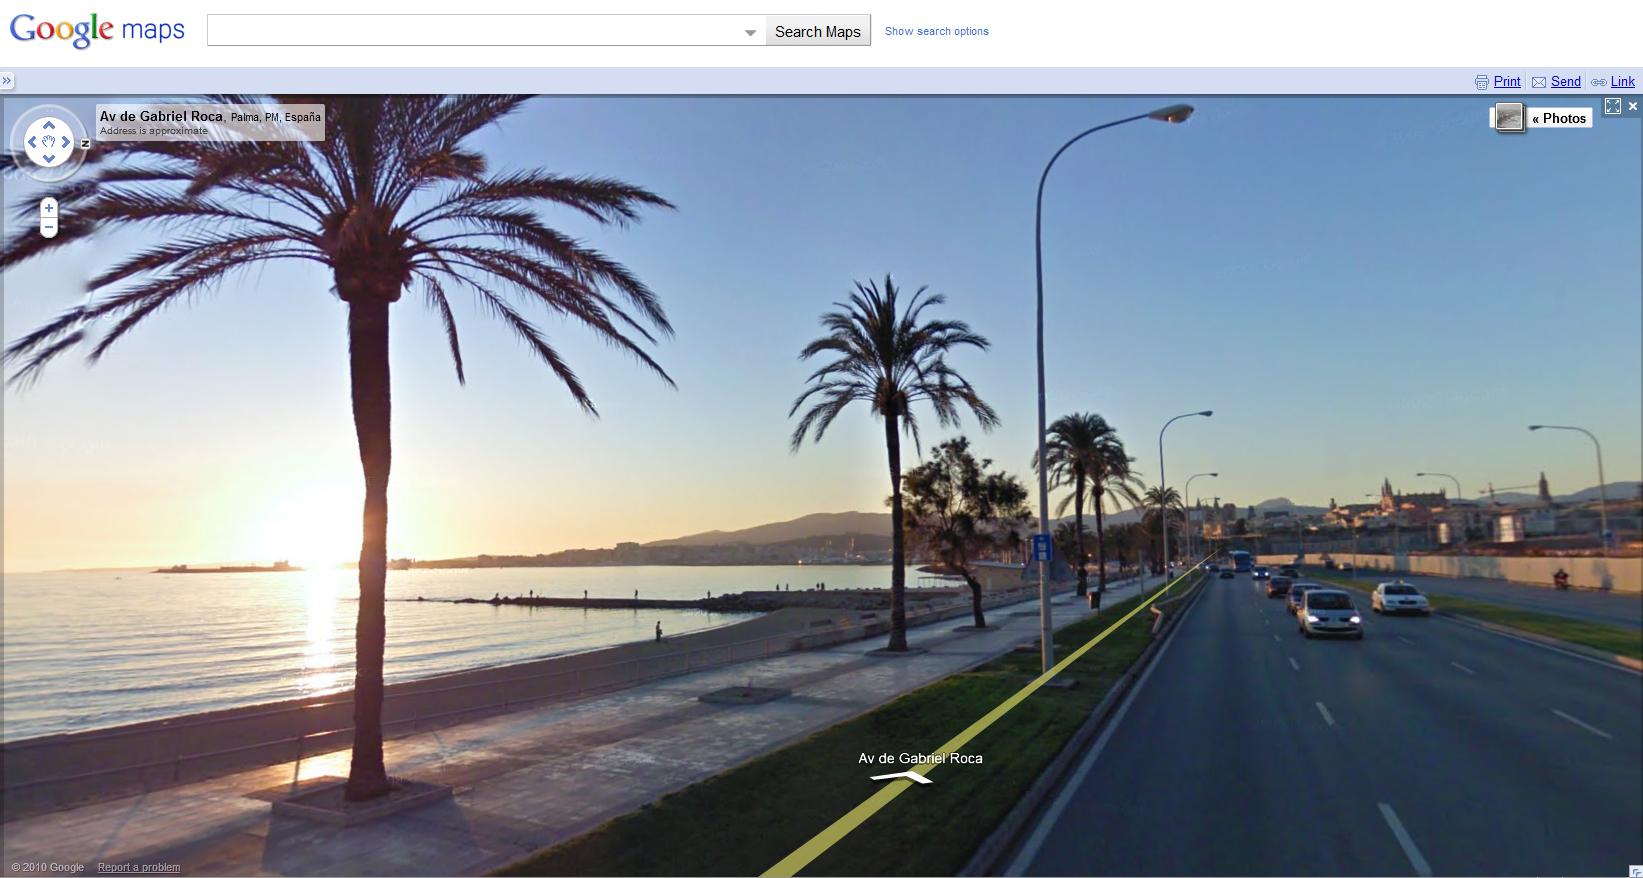 Google-Street-View-Maps-Widerspruch-Datenschutz-200.png